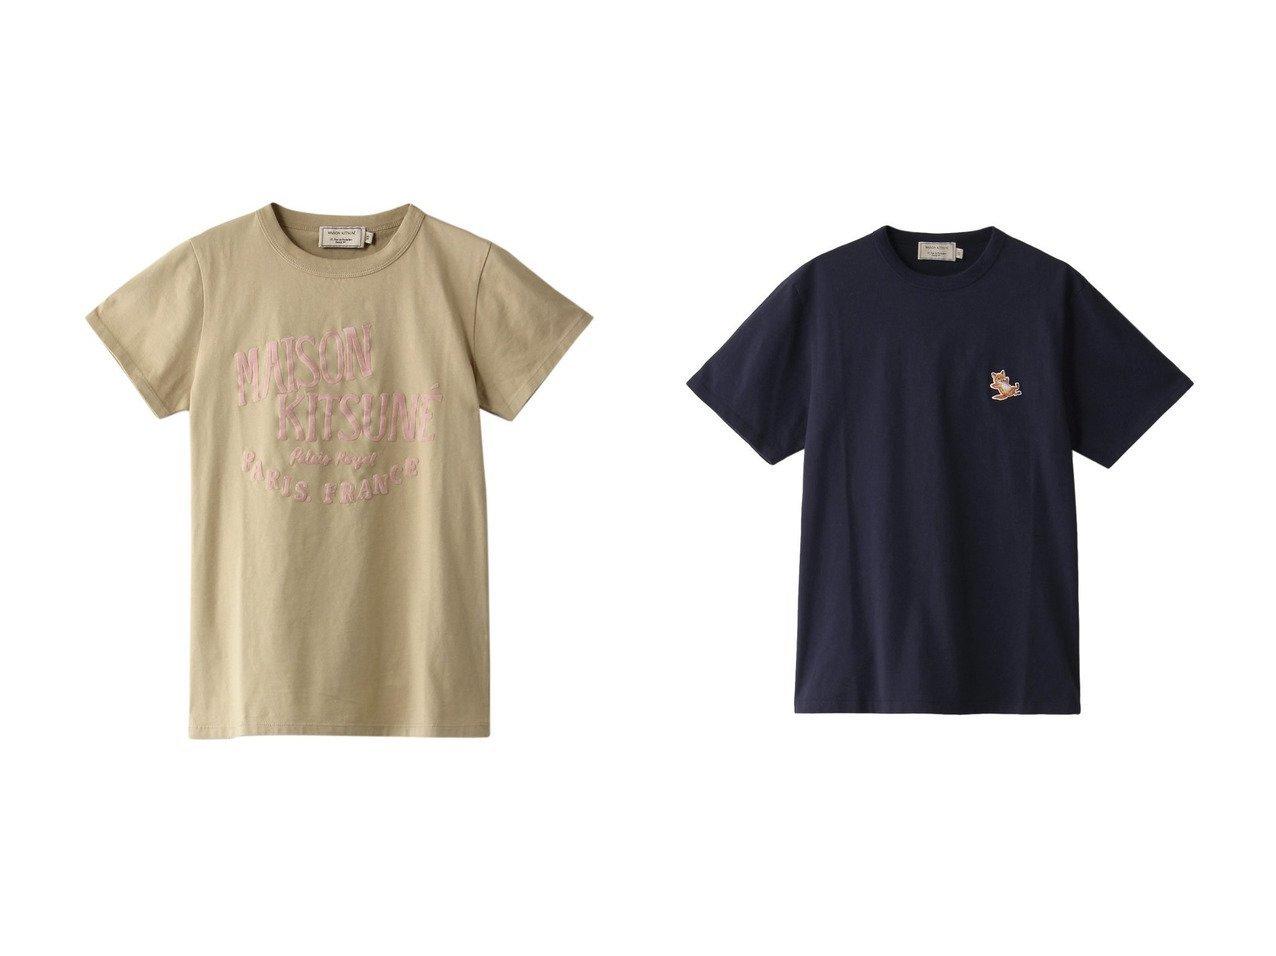 【MAISON KITSUNE/メゾン キツネ】のPALAIS ROYAL CLASSIC TEE-Tシャツ&【UNISEX】CHILLAX FOX PATCH CLASSIC TEE-Tシャツ トップス・カットソーのおすすめ!人気、トレンド・レディースファッションの通販 おすすめで人気の流行・トレンド、ファッションの通販商品 メンズファッション・キッズファッション・インテリア・家具・レディースファッション・服の通販 founy(ファニー) https://founy.com/ ファッション Fashion レディースファッション WOMEN トップス カットソー Tops Tshirt シャツ/ブラウス Shirts Blouses ロング / Tシャツ T-Shirts カットソー Cut and Sewn 2021年 2021 2021 春夏 S/S SS Spring/Summer 2021 S/S 春夏 SS Spring/Summer ショート スタンダード スリーブ フロント 春 Spring  ID:crp329100000024847